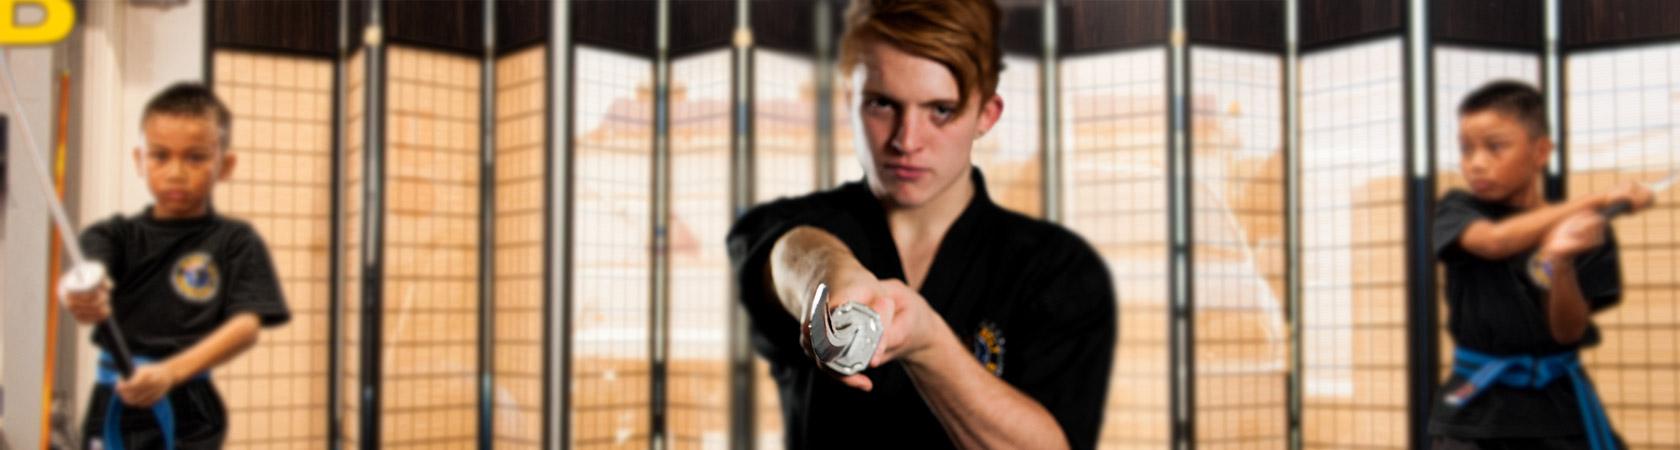 Black Belt Professionals Martial Arts